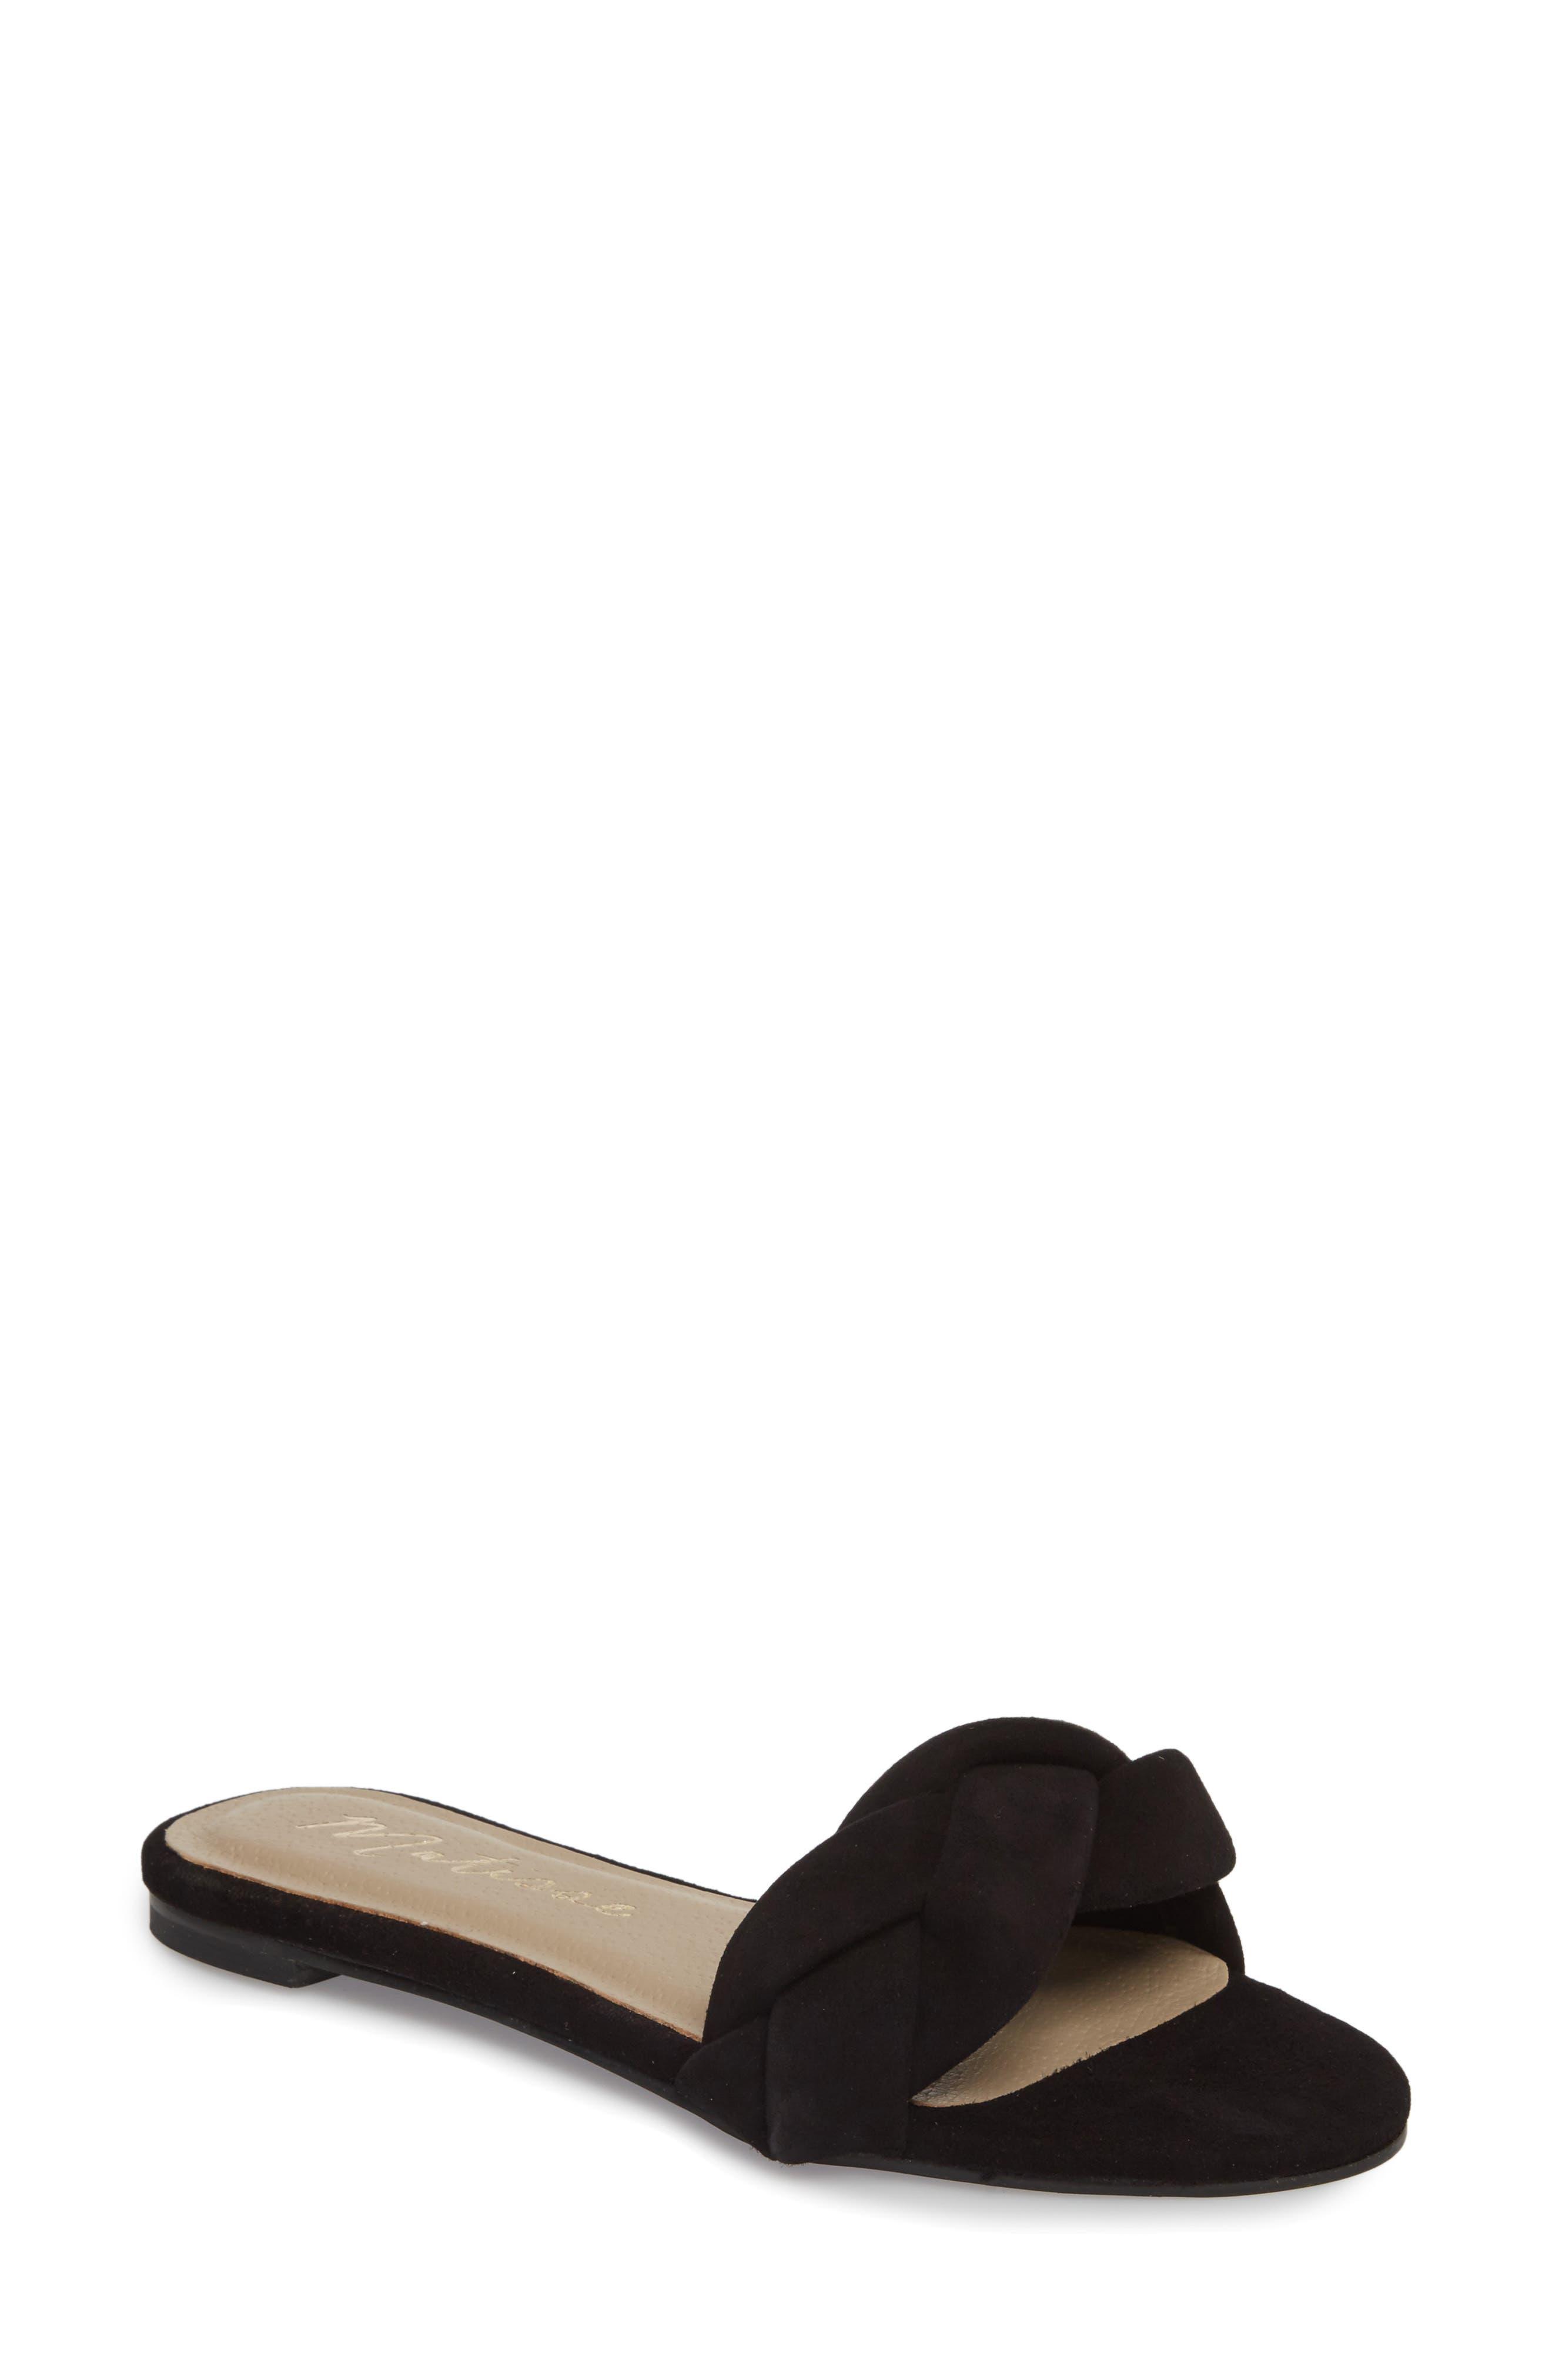 Georgie Slide Sandal,                             Main thumbnail 1, color,                             BLACK SUEDE